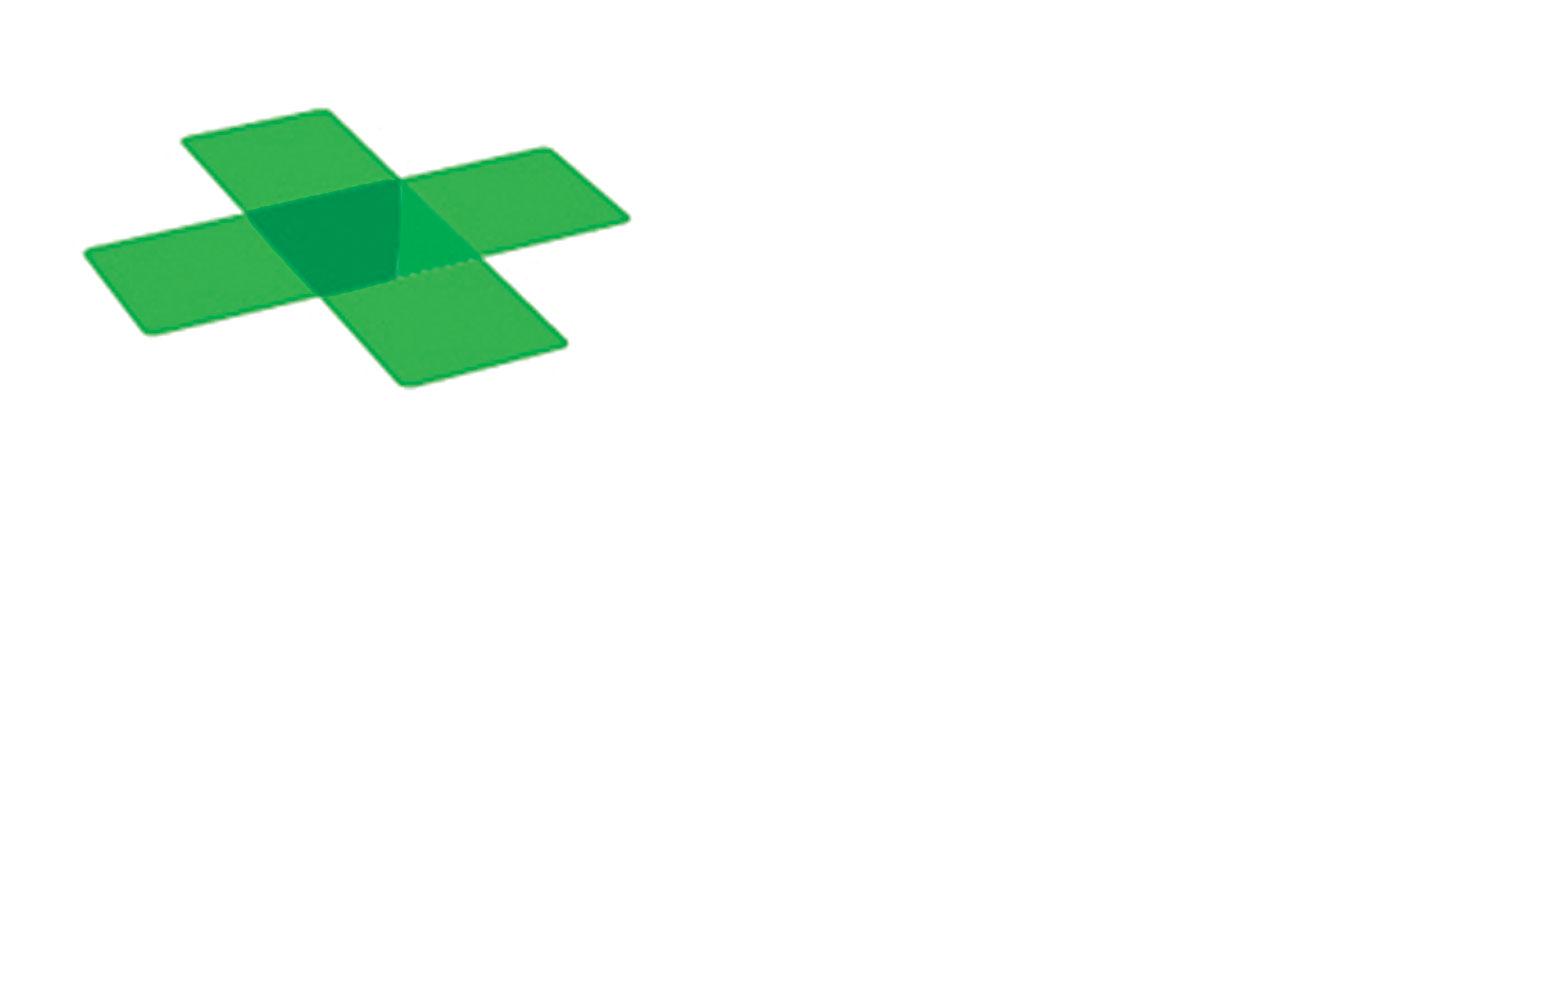 Pharmacie Exemple Carte De Visite Grand Format Personnaliser En Ligne Modle Gratuit Pas Chre